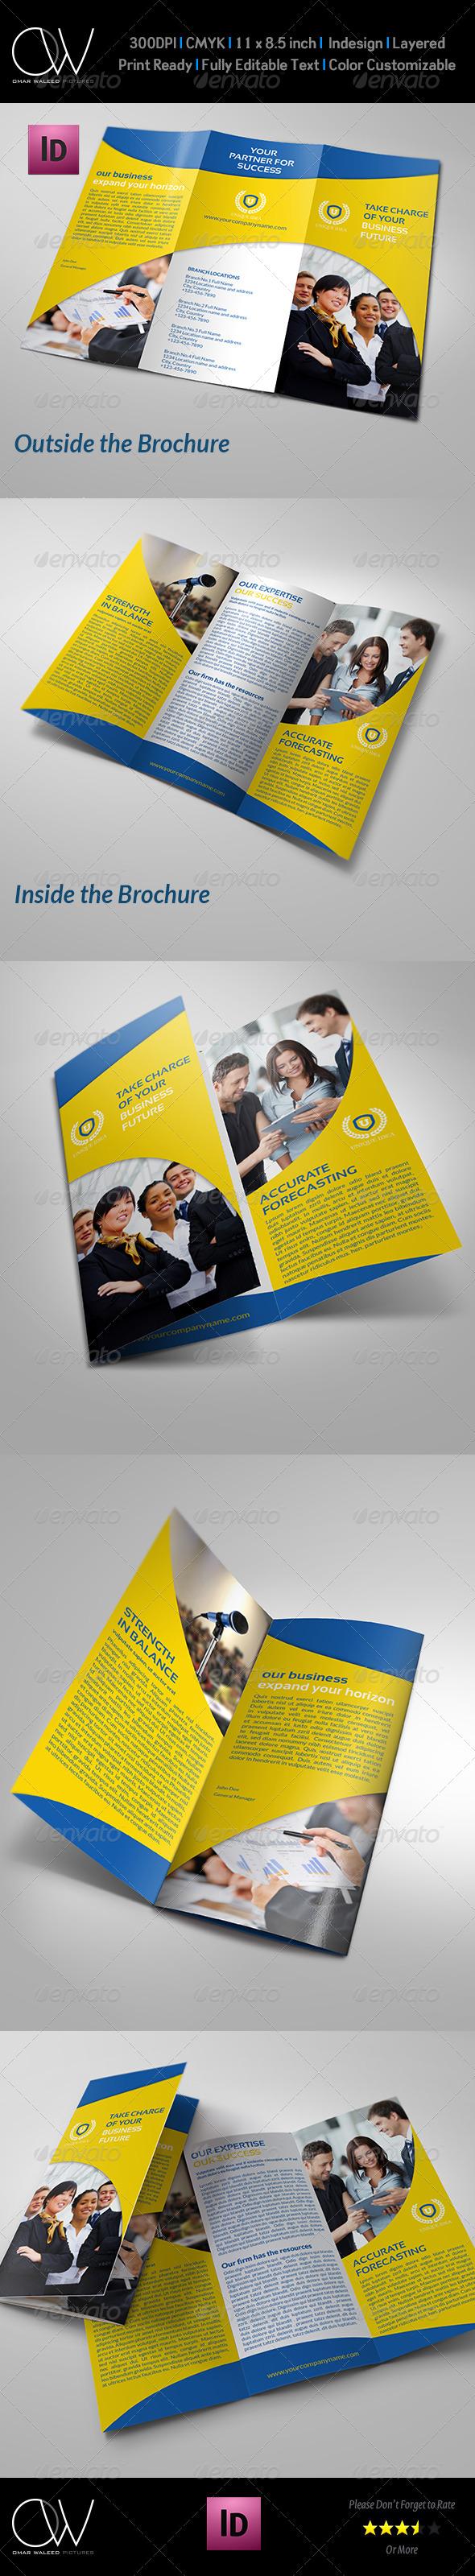 GraphicRiver Company Brochure Tri-Fold Brochure Vol.8 7541807